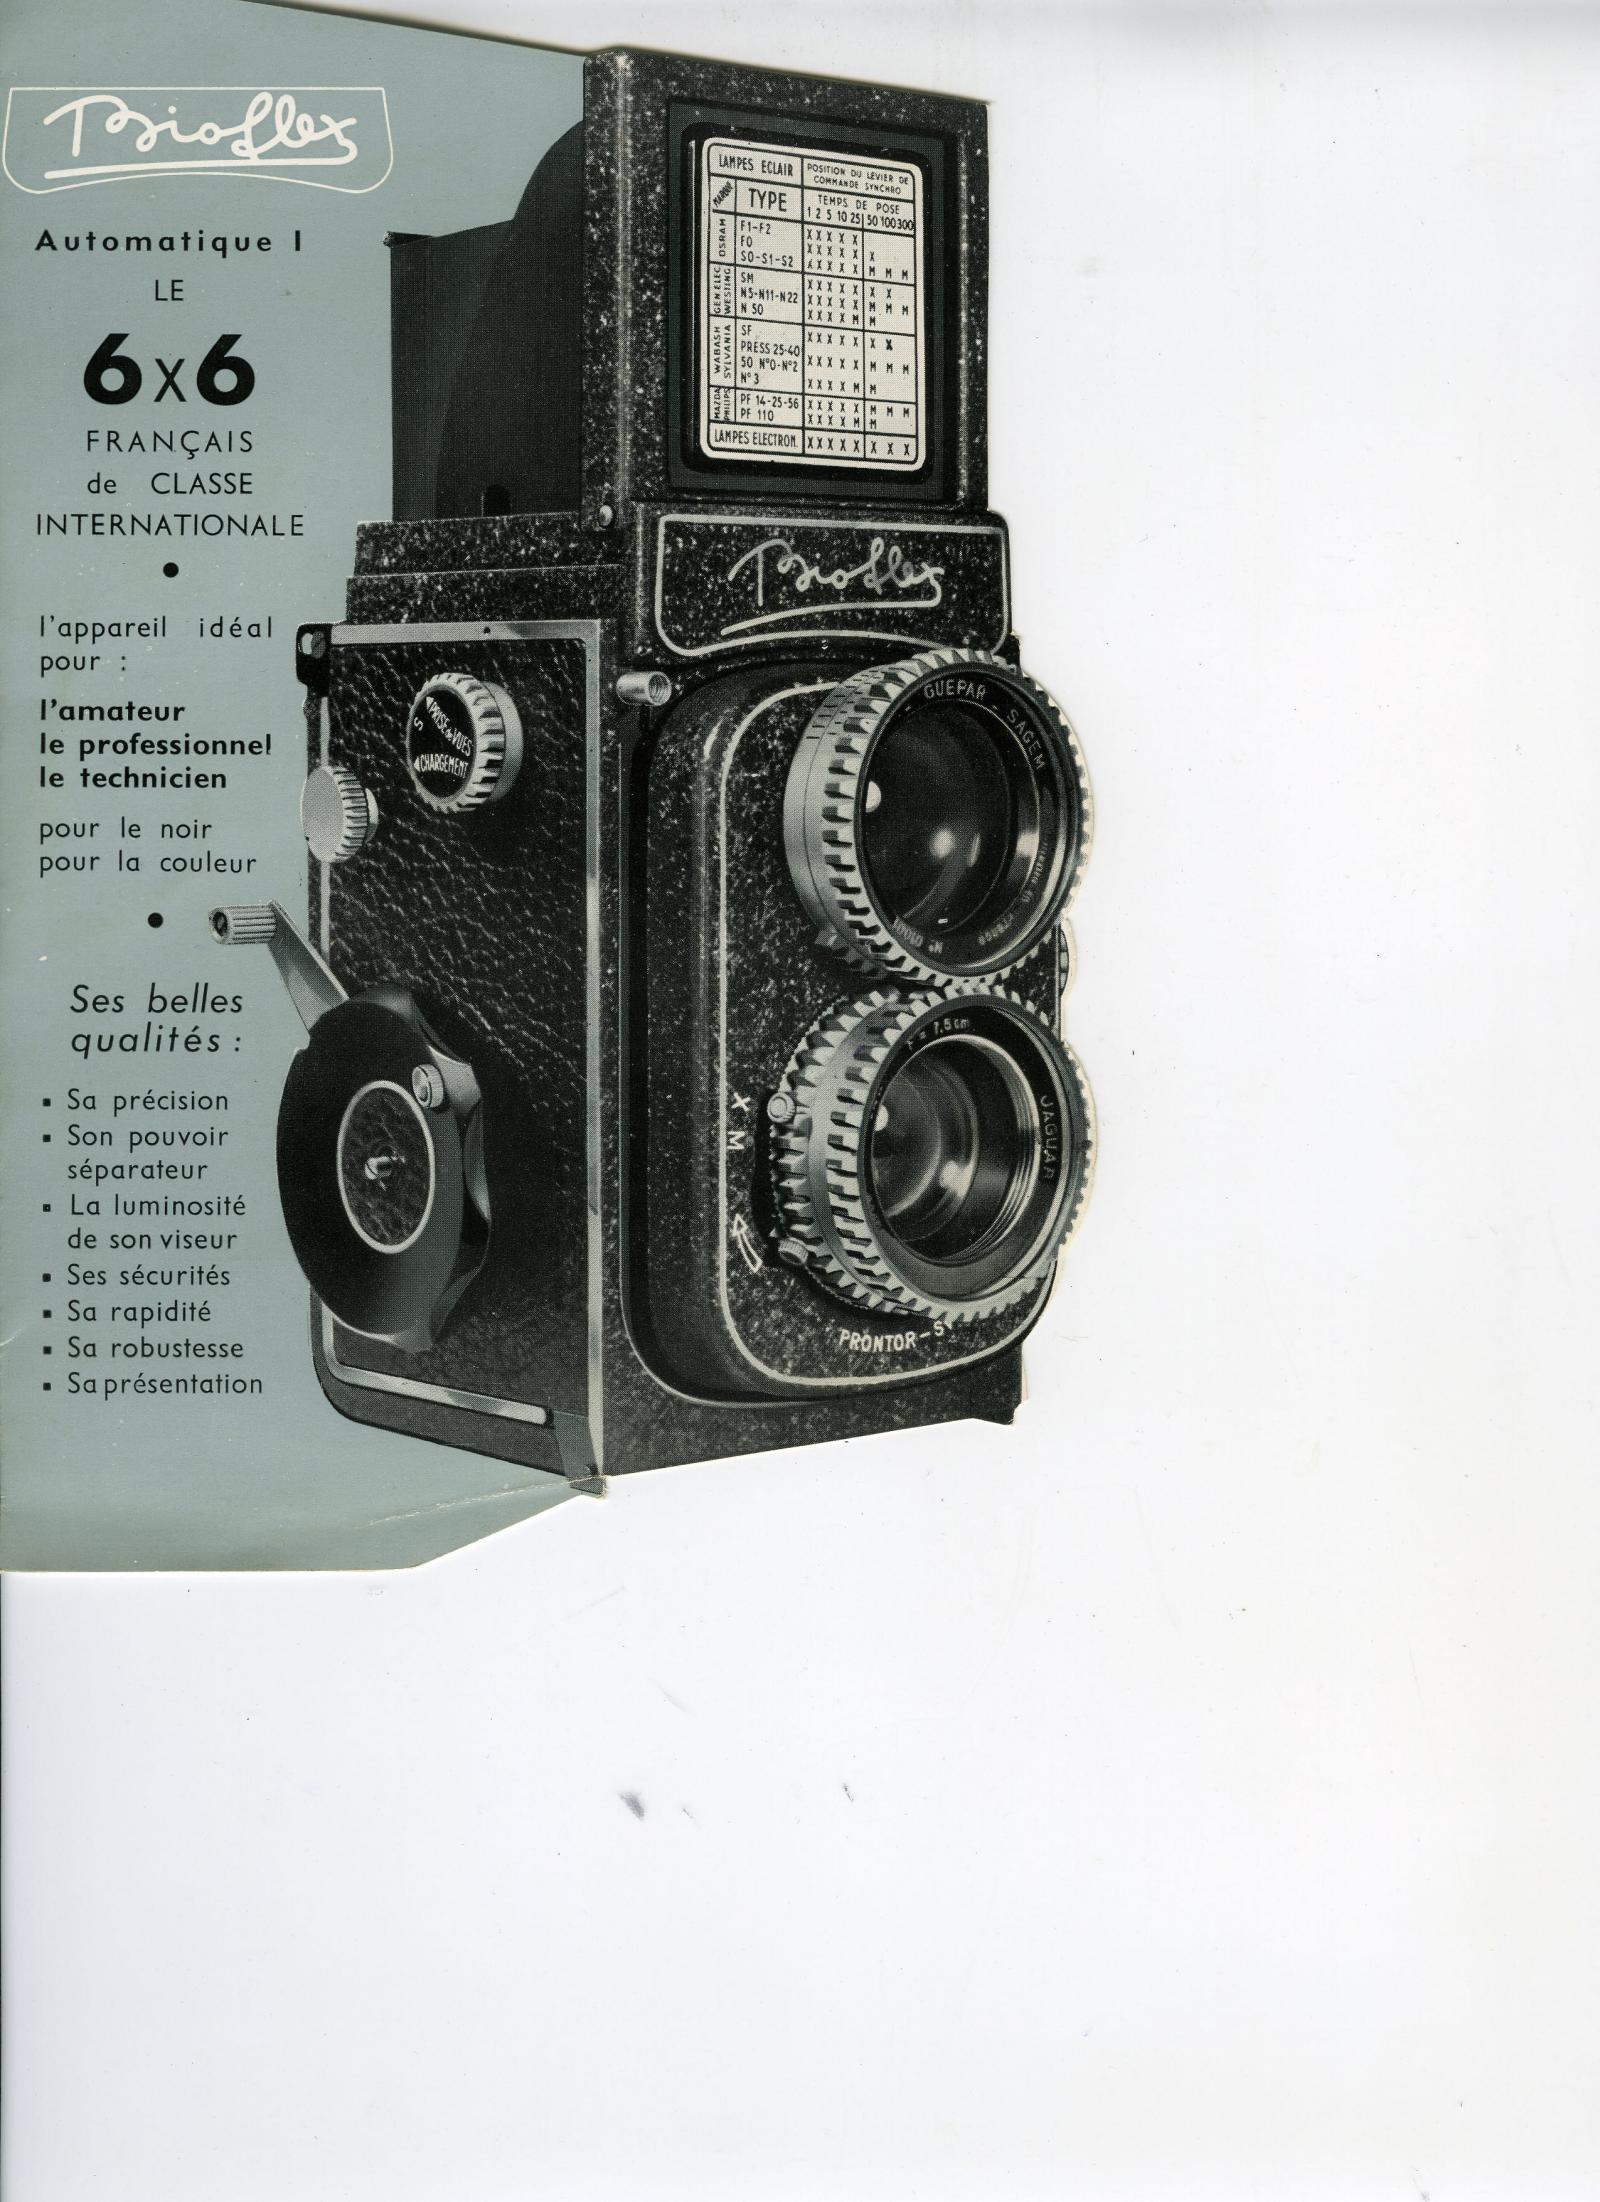 Wallpaper 2069-25  ALSAPHOT  Bioflex 1er modele, collection AMI Appareils photos